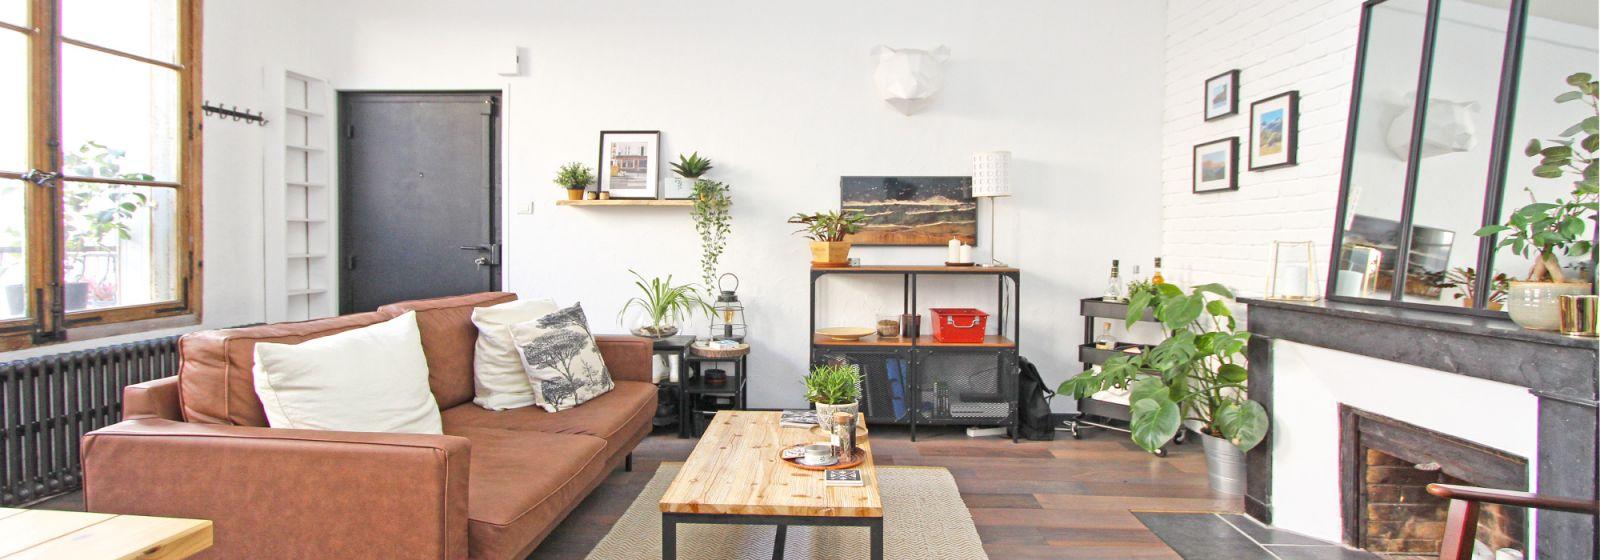 Appartement à vendre Yvelines